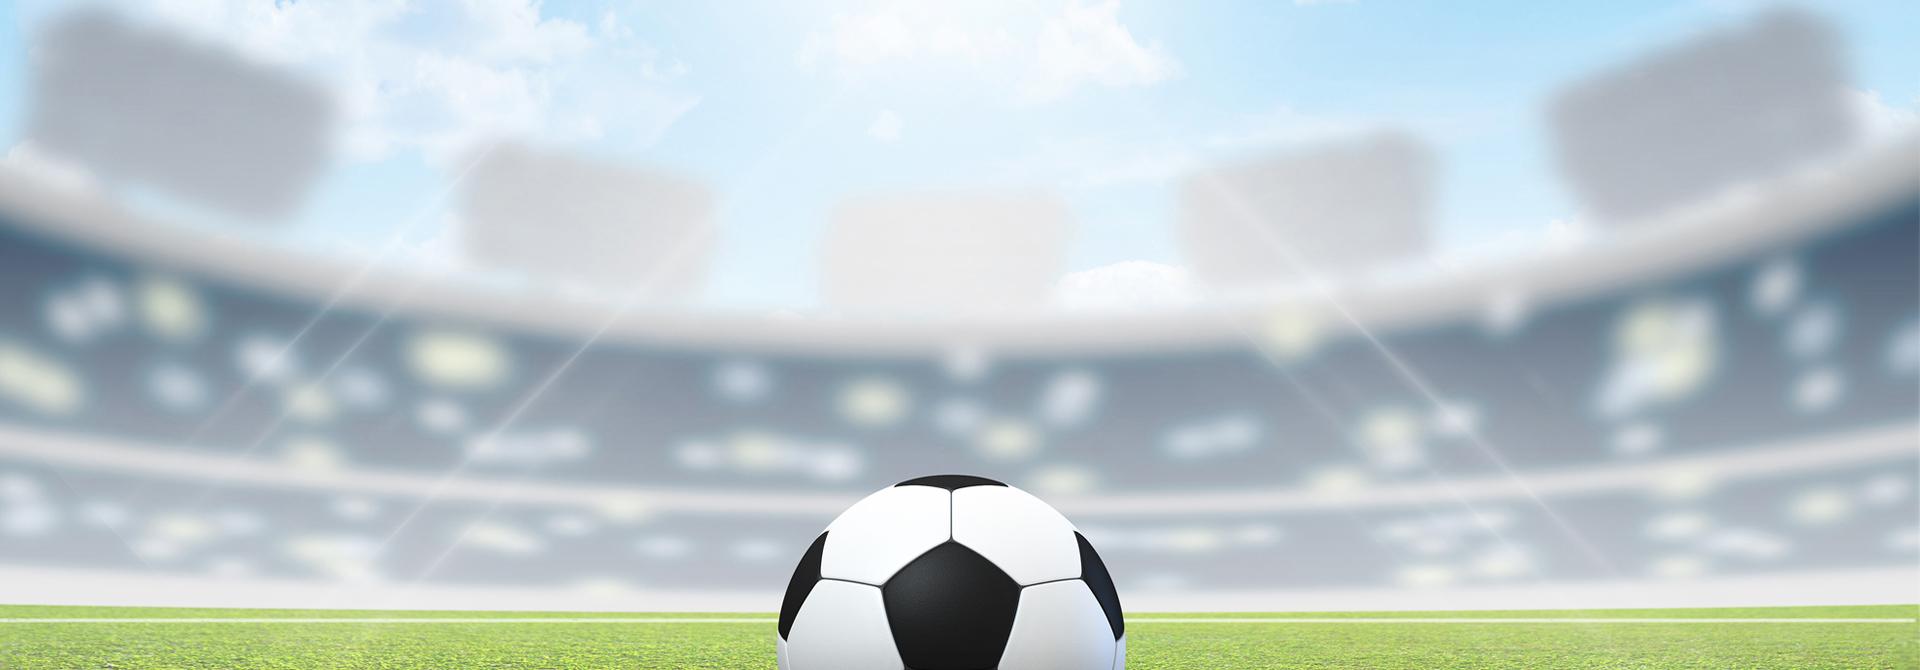 Ga jij mee op voetbalkamp?